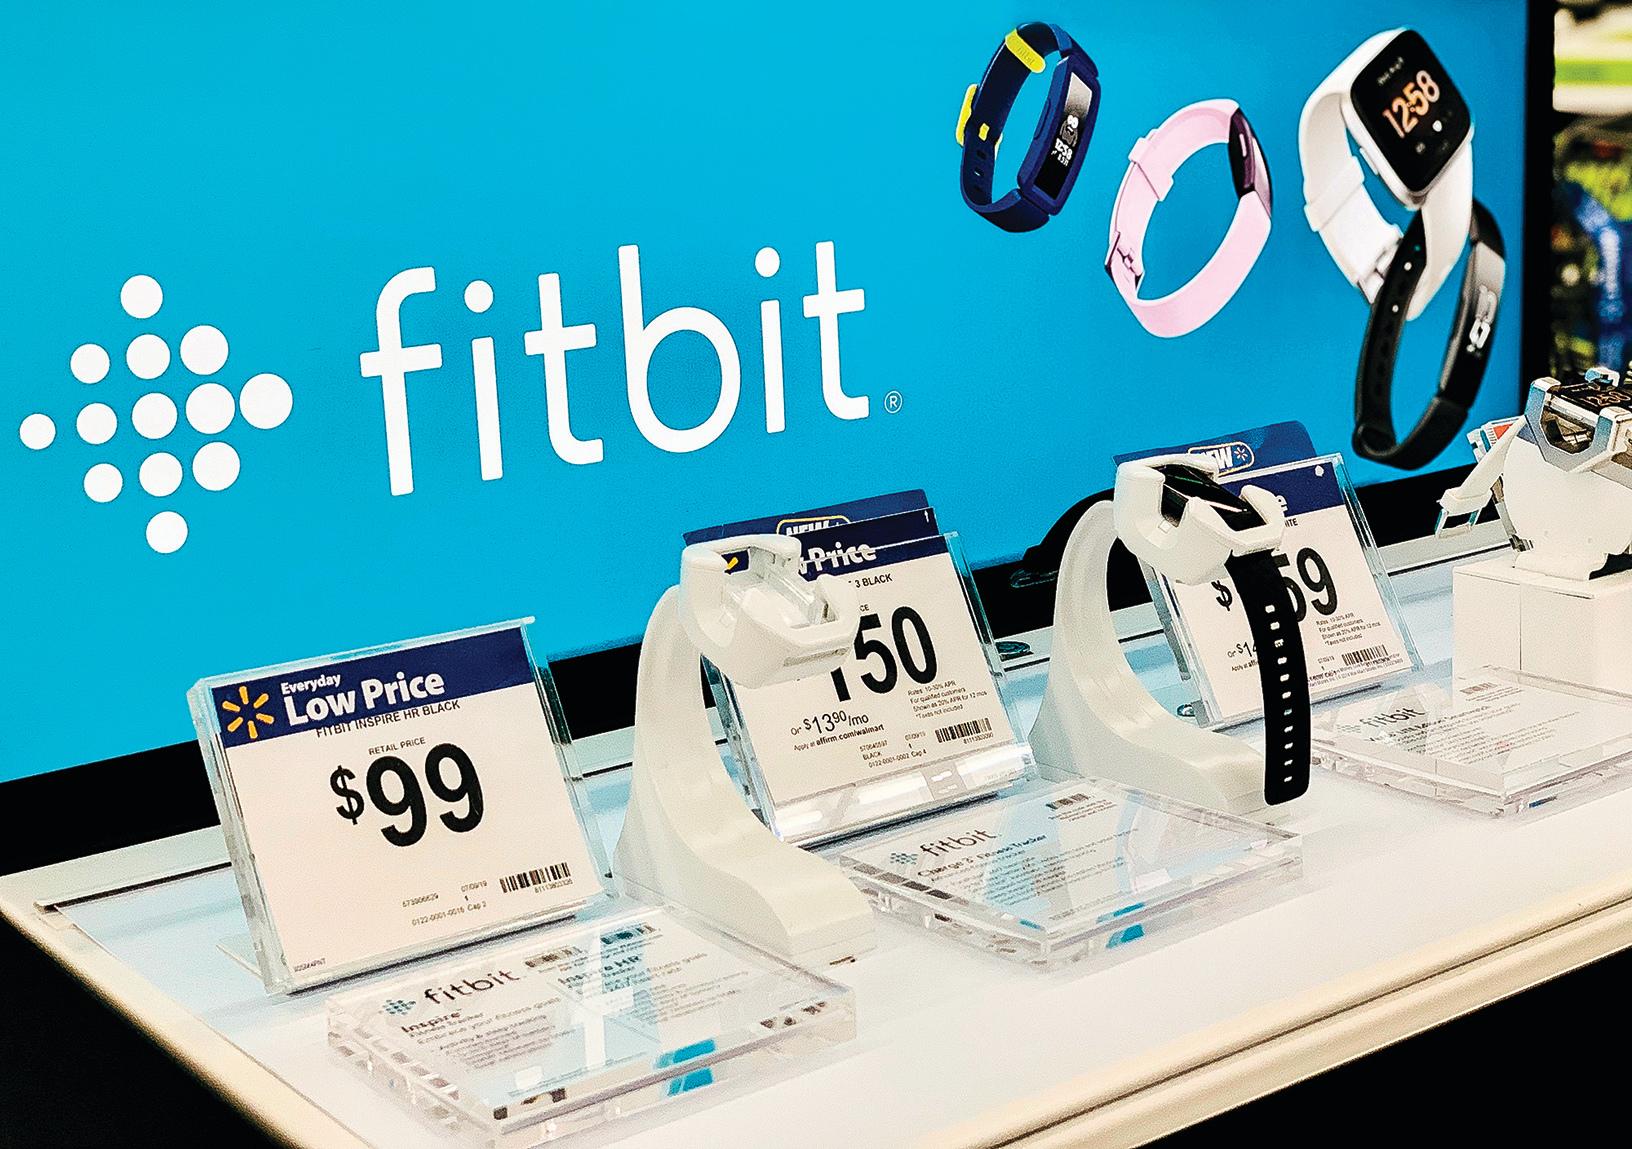 穿戴式裝置大廠Fitbit,主要產品包括智能手錶、健身手環等。(Shutterstock)